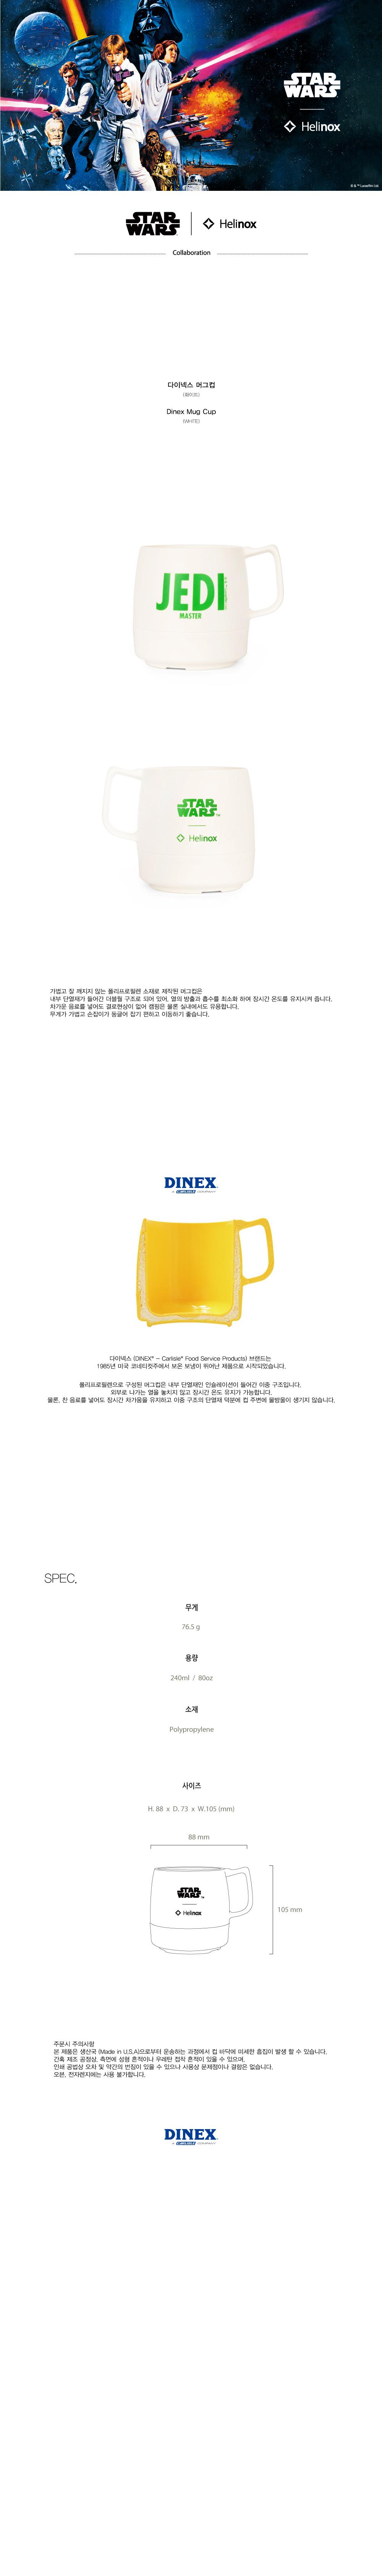 20171214-starwars-collaboration-dinex-white.jpg